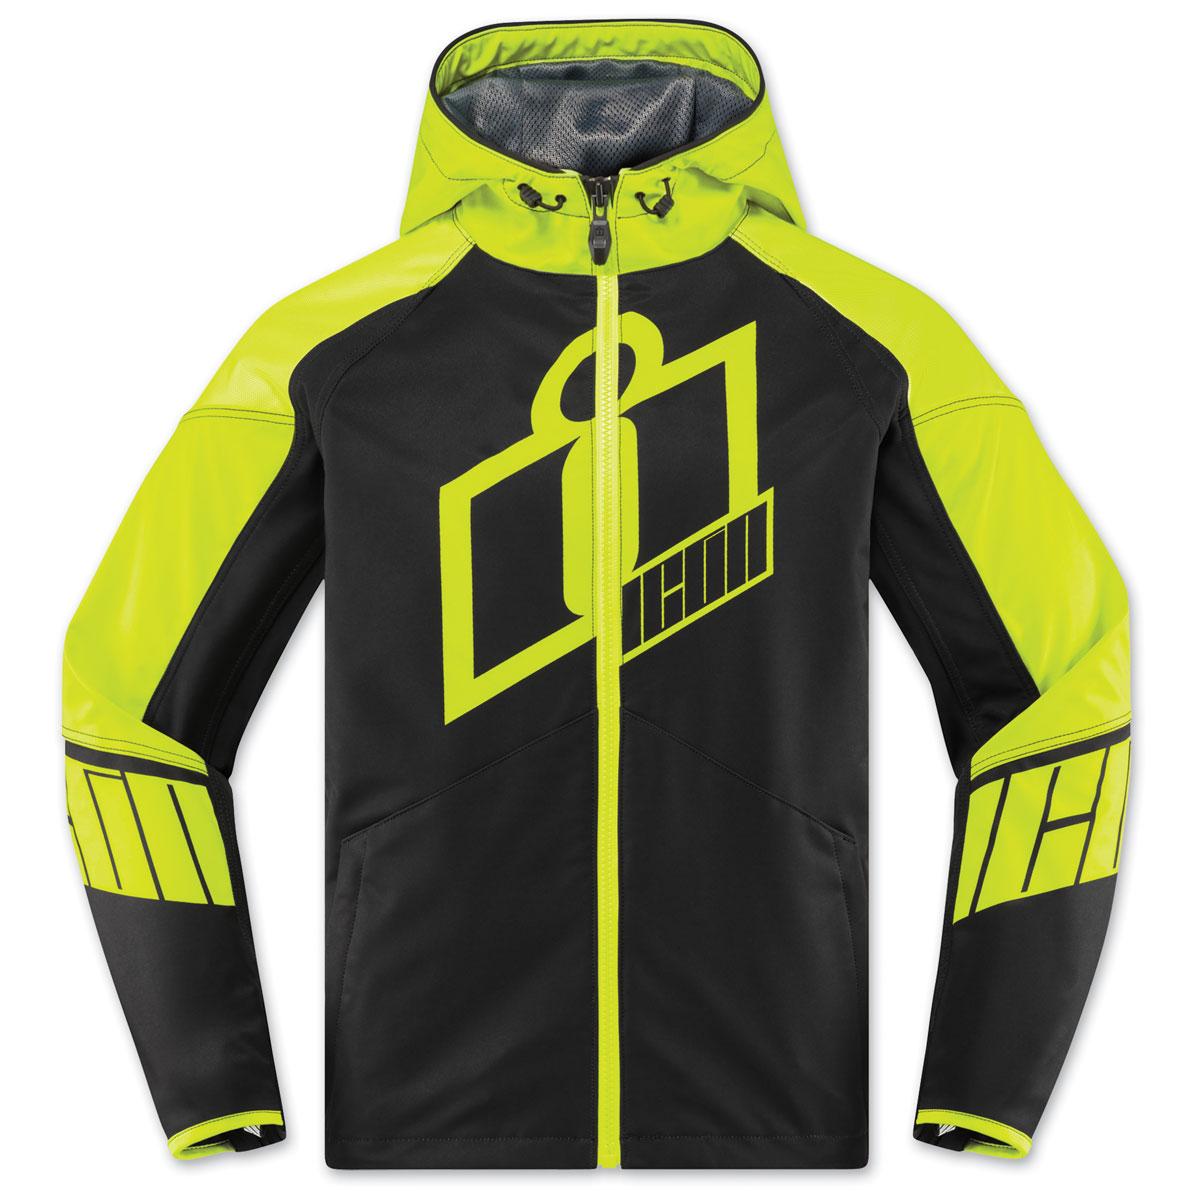 ICON Men's Merc Crusader Hi-Viz Jacket